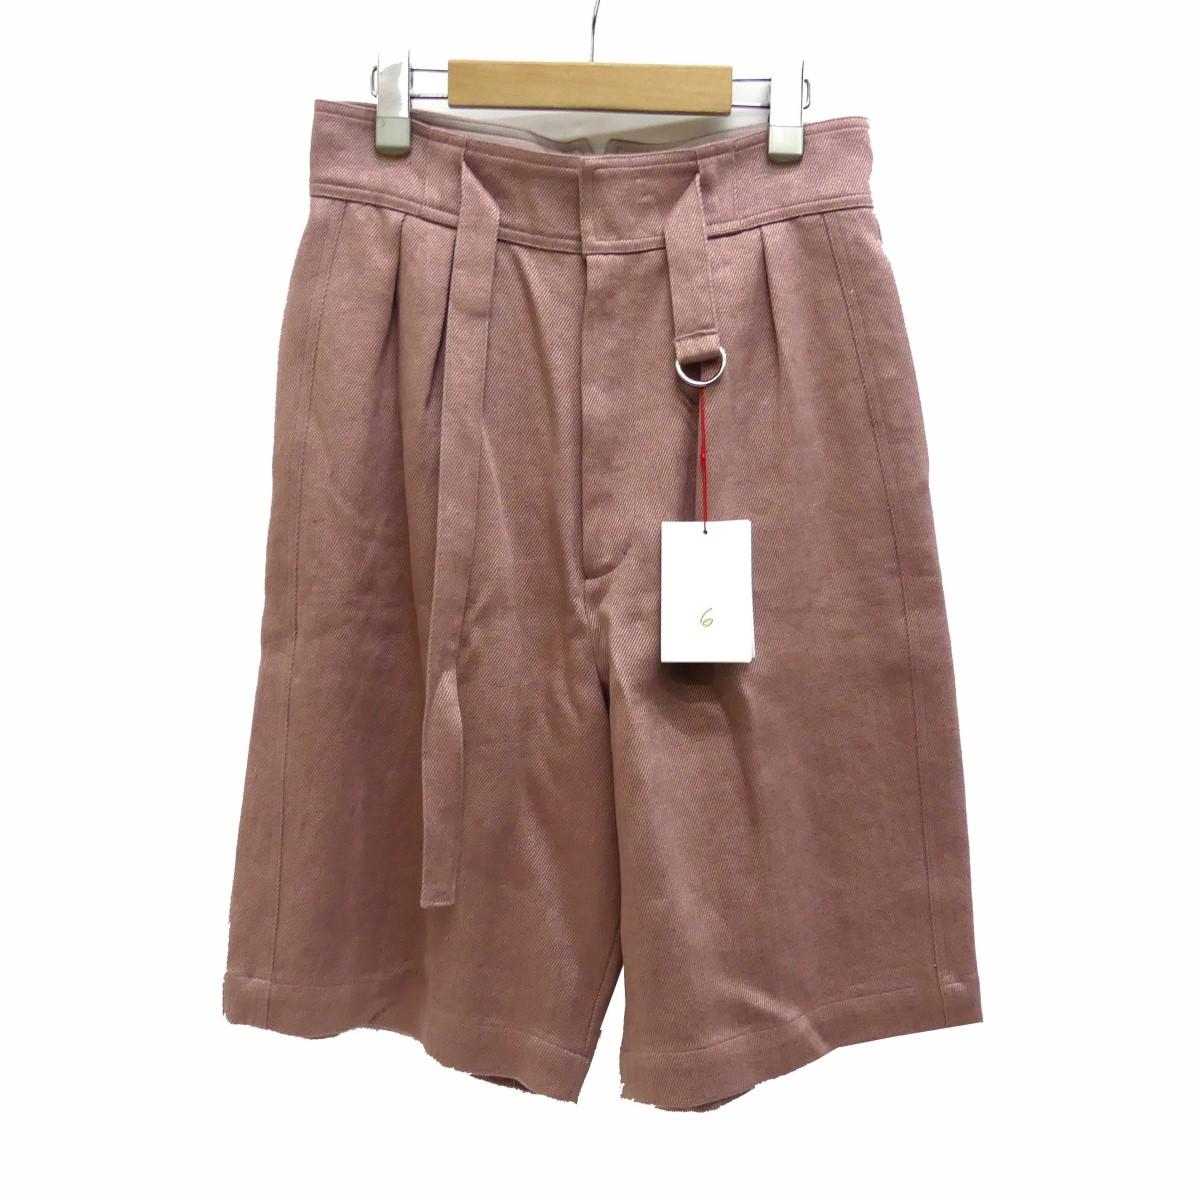 【中古】6(ROKU) BEAUTY&YOUTH UNITED ARROWS HEAVY LINEN PANTS ショートパンツ ピンク サイズ:36 【280320】(ロクビューティアンドユースユナイテッドアローズ)